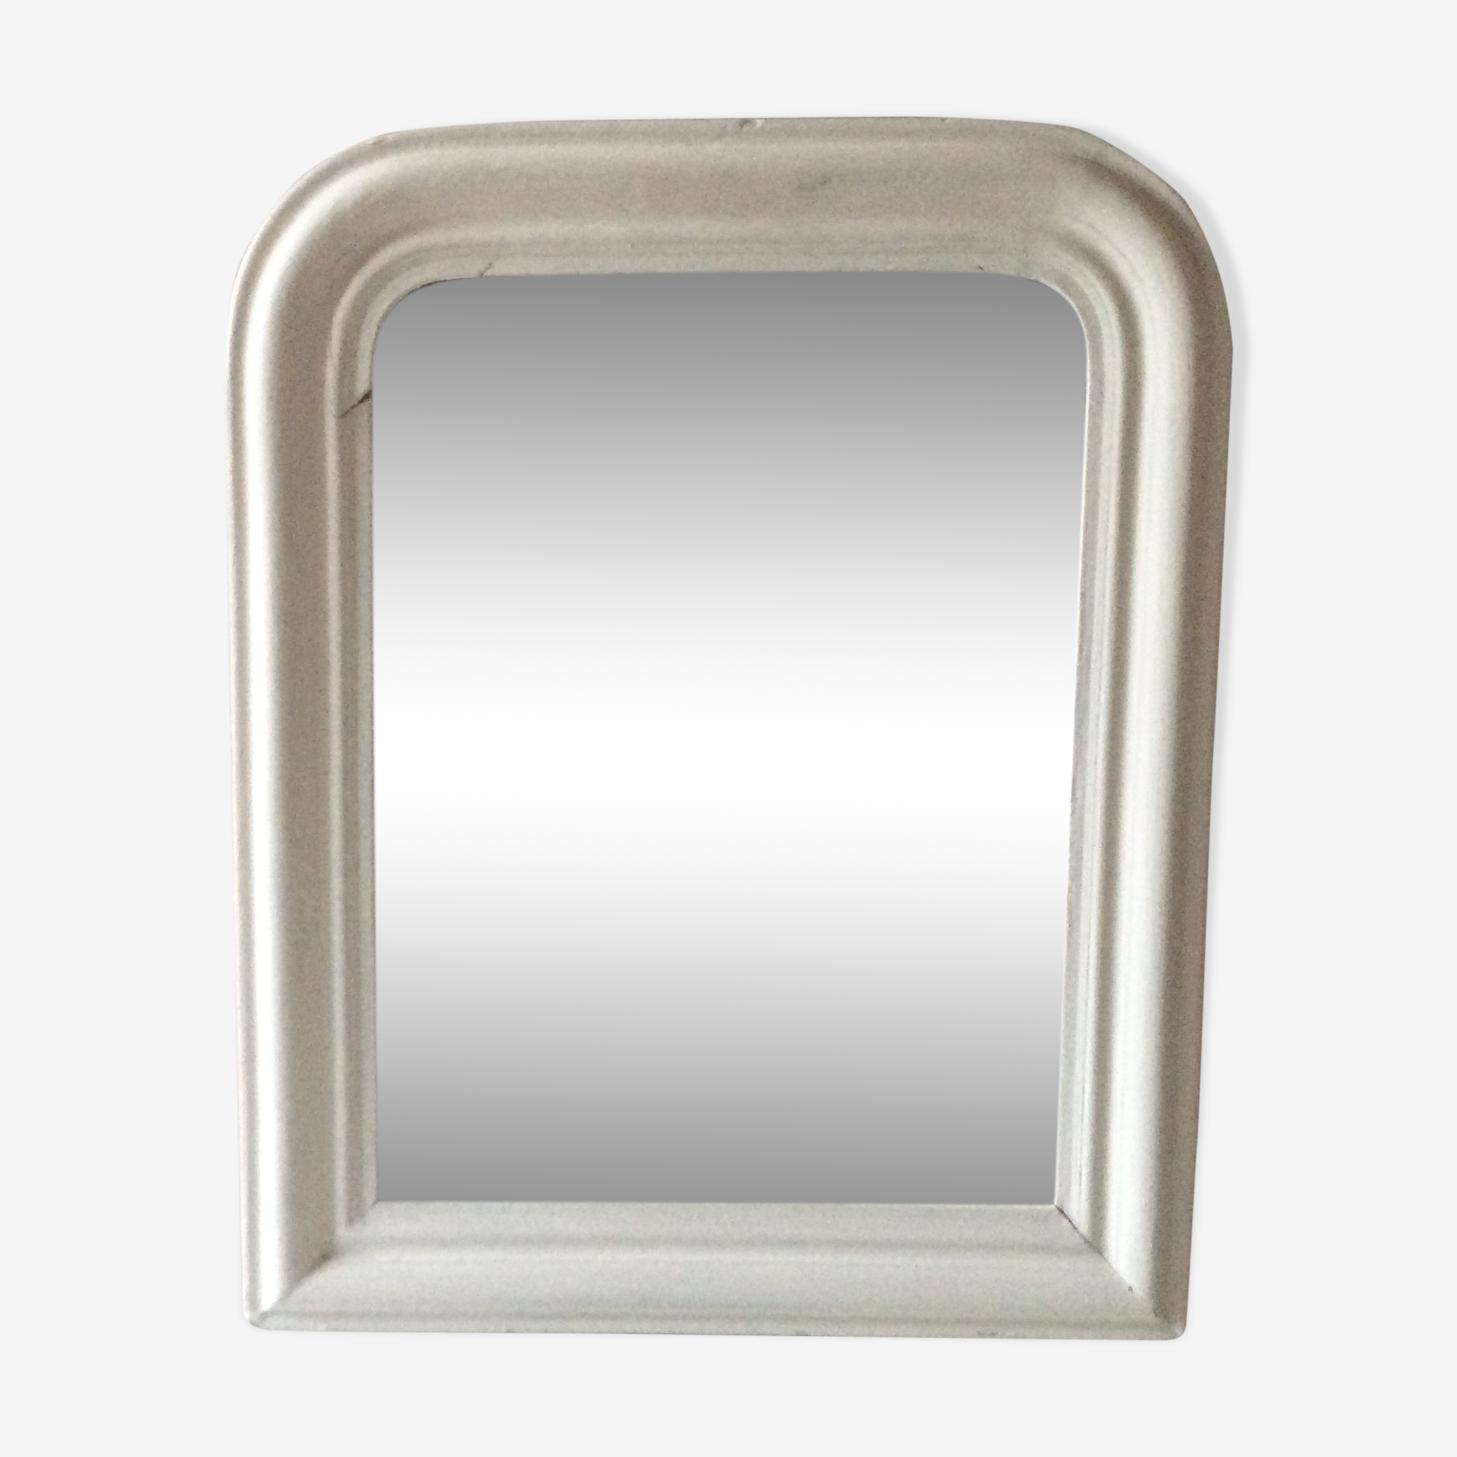 Former mirror 60 x 49 cm.